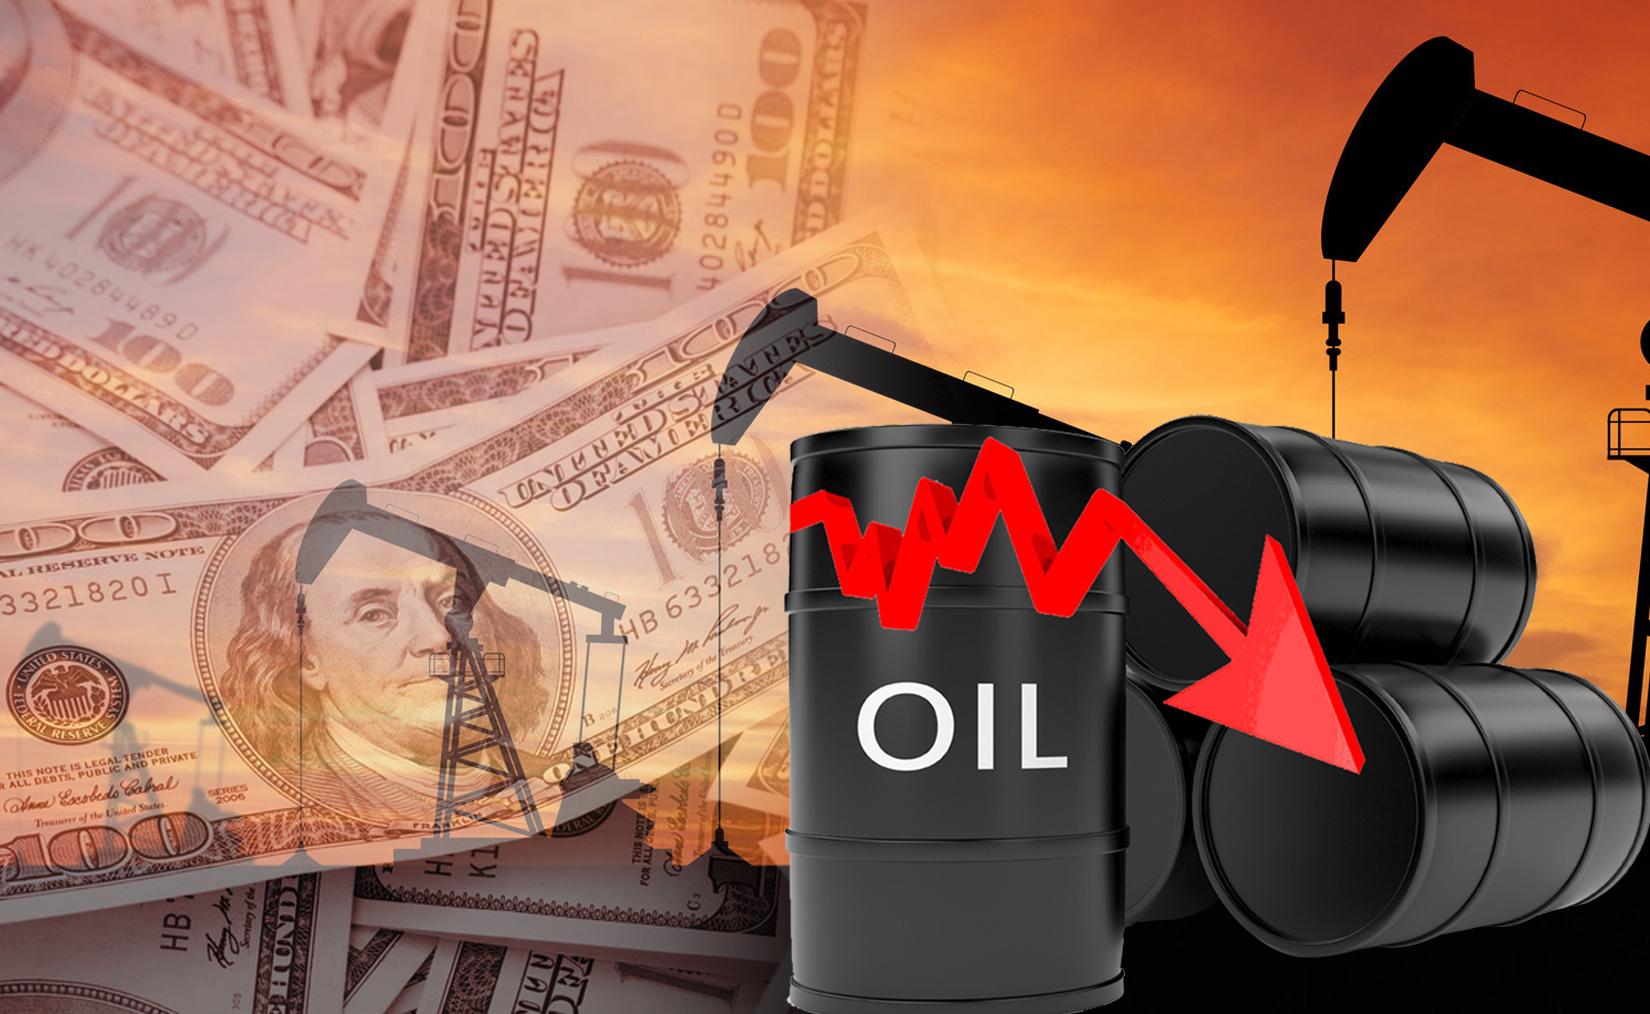 سعر برميل النفط الكويتي ينخفض 10 سنتات ليبلغ 83ر40 دولار